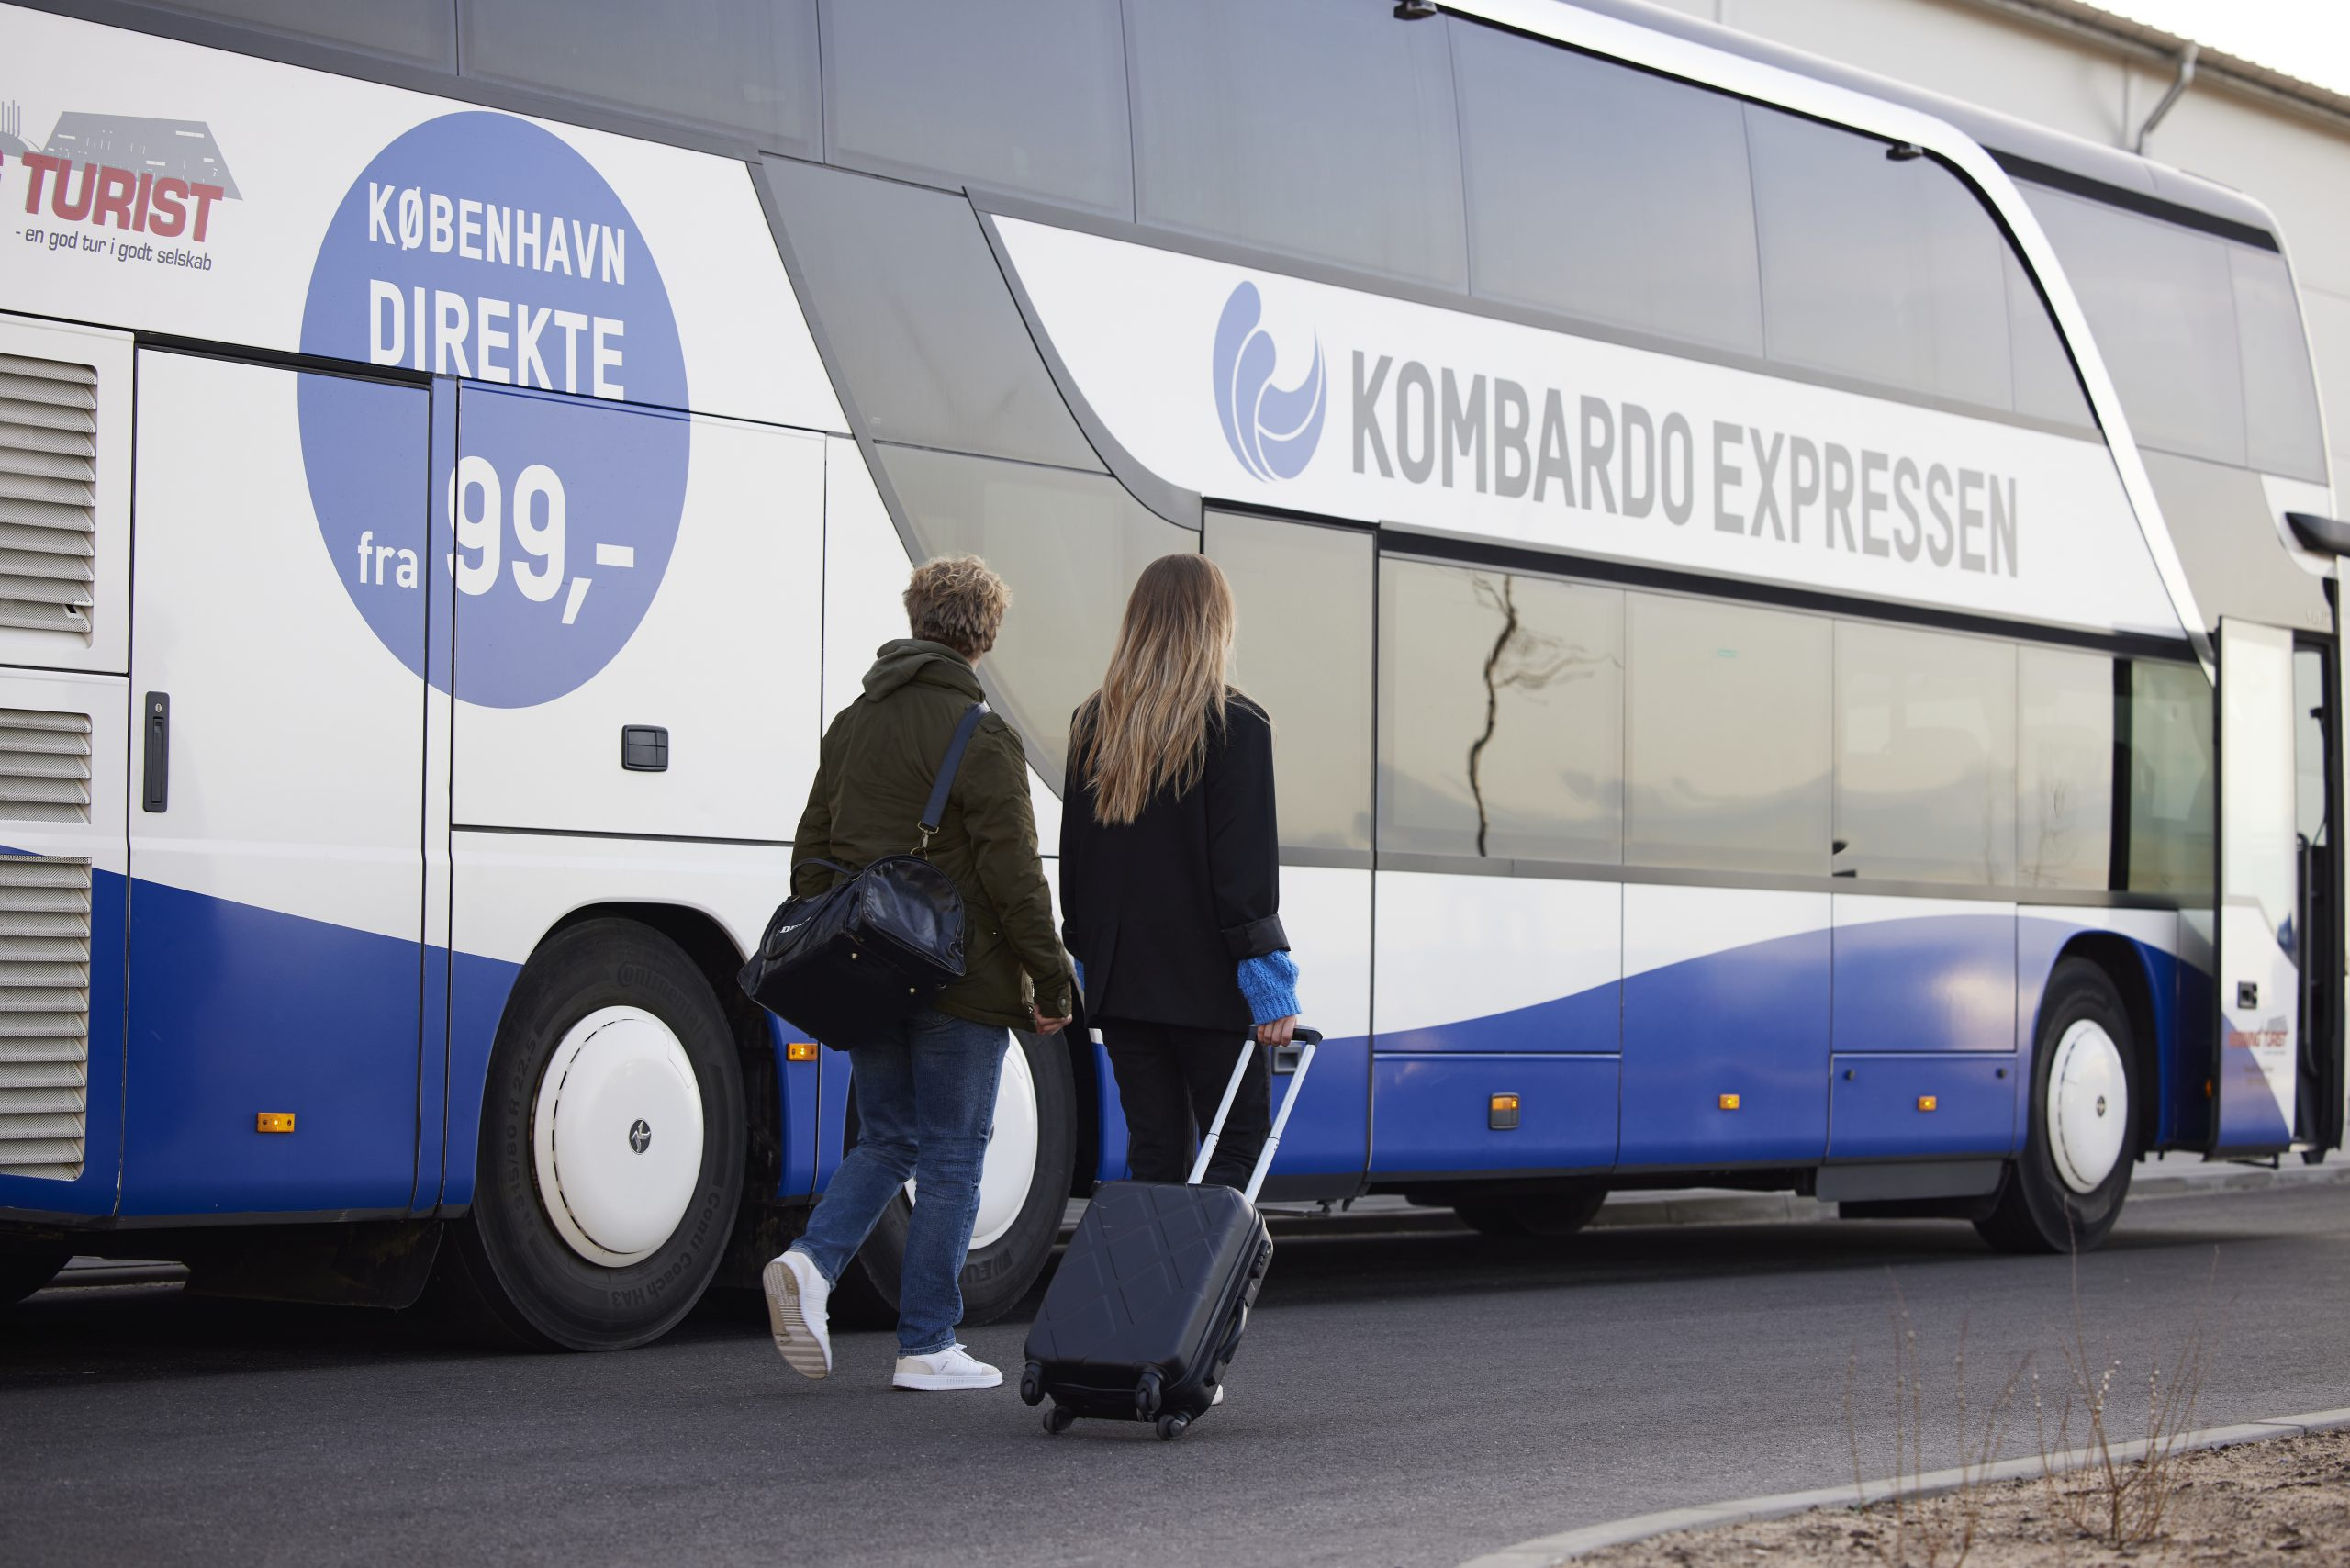 I samarbejde med Herning Turist driver Molslinjen busruterne under navnet Kombardo Expressen. Ruterne kører over hele Danmark mellem en lang række byer. Pressefoto: Molslinjen/Kombardo Ekspressen.